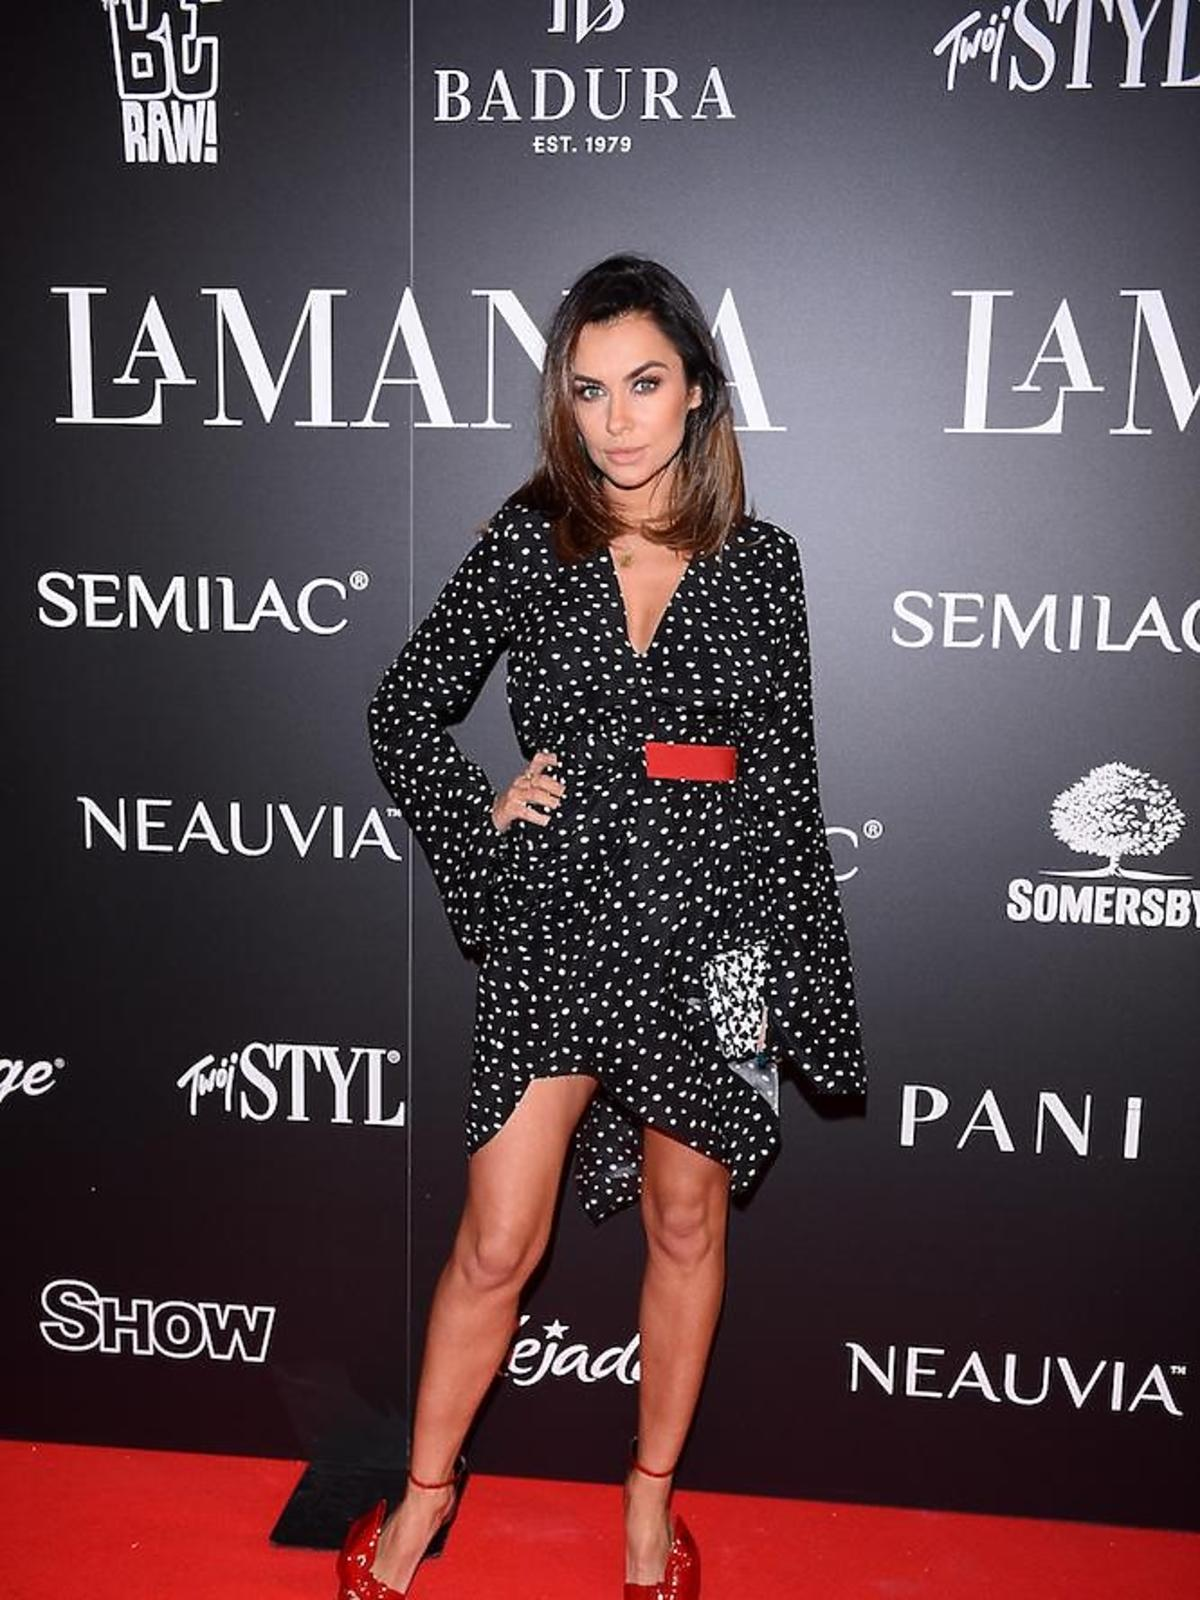 Natalia Siwiec na imprezie La Manii